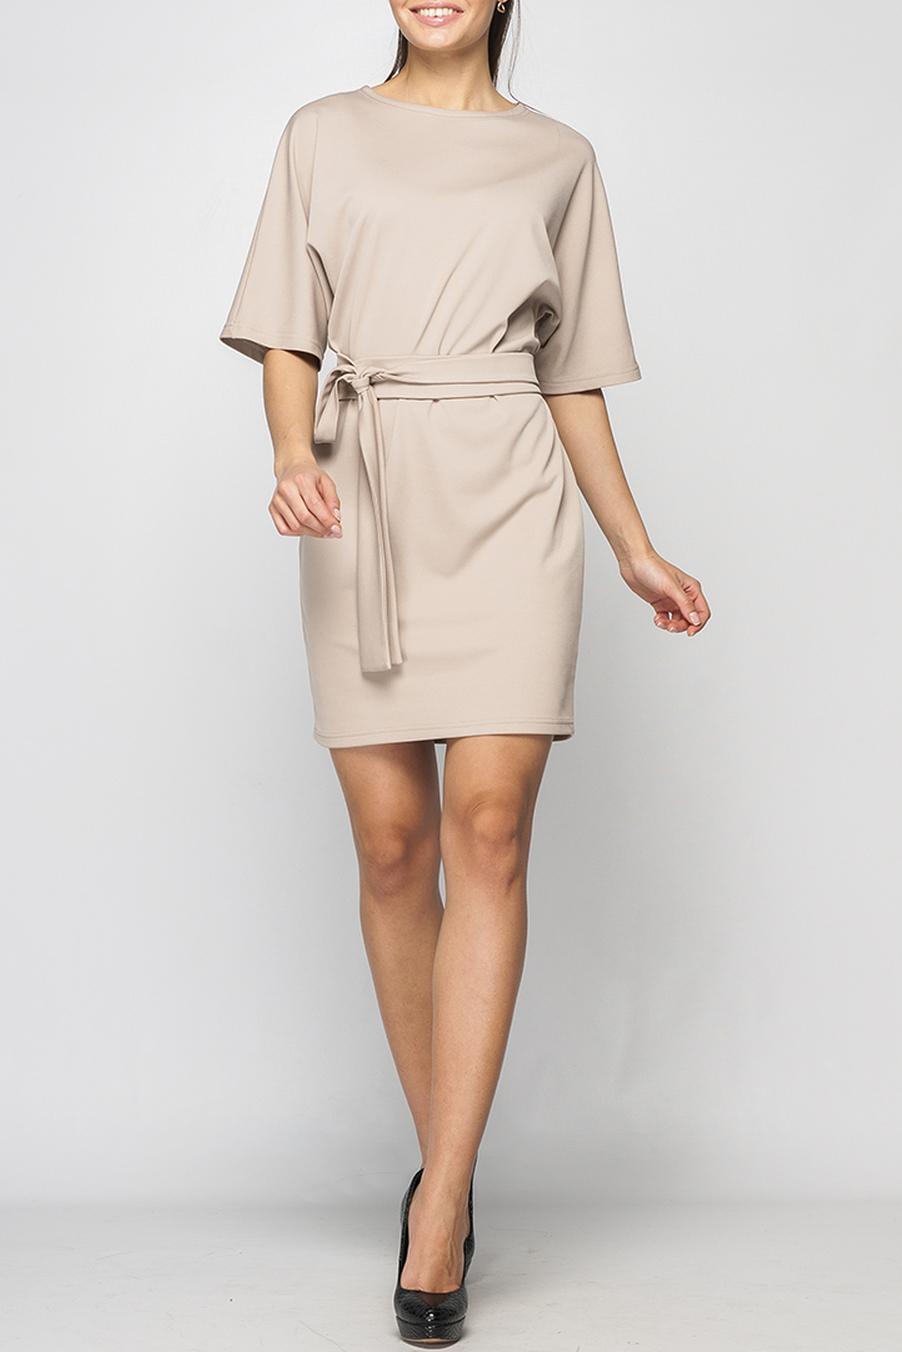 ПлатьеПлатья<br>Удобное платье подойдет для любого случая. Модель с круглым вырезом горловины. Короткие цельнокроеные рукава дарят свободу движению. Это платье станет прекрасным дополнением Вашего гардероба. Пояс в комплект не входит.  Параметры изделия:  44 размер: обхват груди - 102 см, обхват бедер - 100 см, длина рукава - 32 см, длина изделия - 88 см; 52 размер: обхват груди - 118 см, обхват бедер - 120 см, длина рукава - 33 см, длина изделия - 92 см.  В изделии использованы цвета: бежевый  Рост девушки-фотомодели 170 см.<br><br>Горловина: С- горловина<br>По длине: До колена<br>По материалу: Трикотаж<br>По рисунку: Однотонные<br>По силуэту: Полуприталенные<br>По стилю: Классический стиль,Офисный стиль,Повседневный стиль<br>Рукав: До локтя<br>По сезону: Осень,Весна,Зима<br>Размер : 50<br>Материал: Трикотаж<br>Количество в наличии: 1